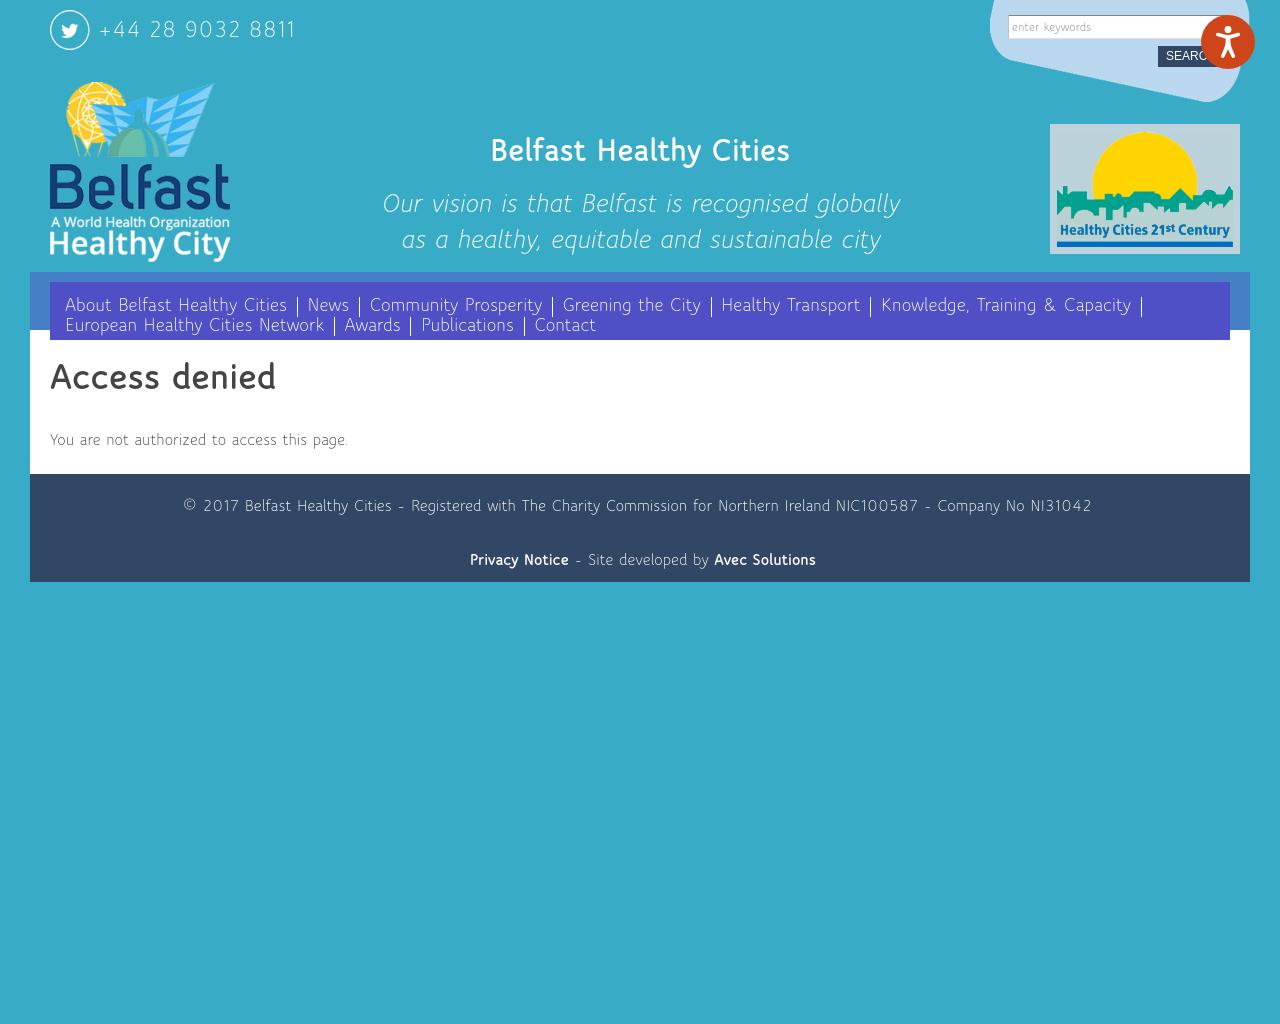 Belfast Healthy Cities